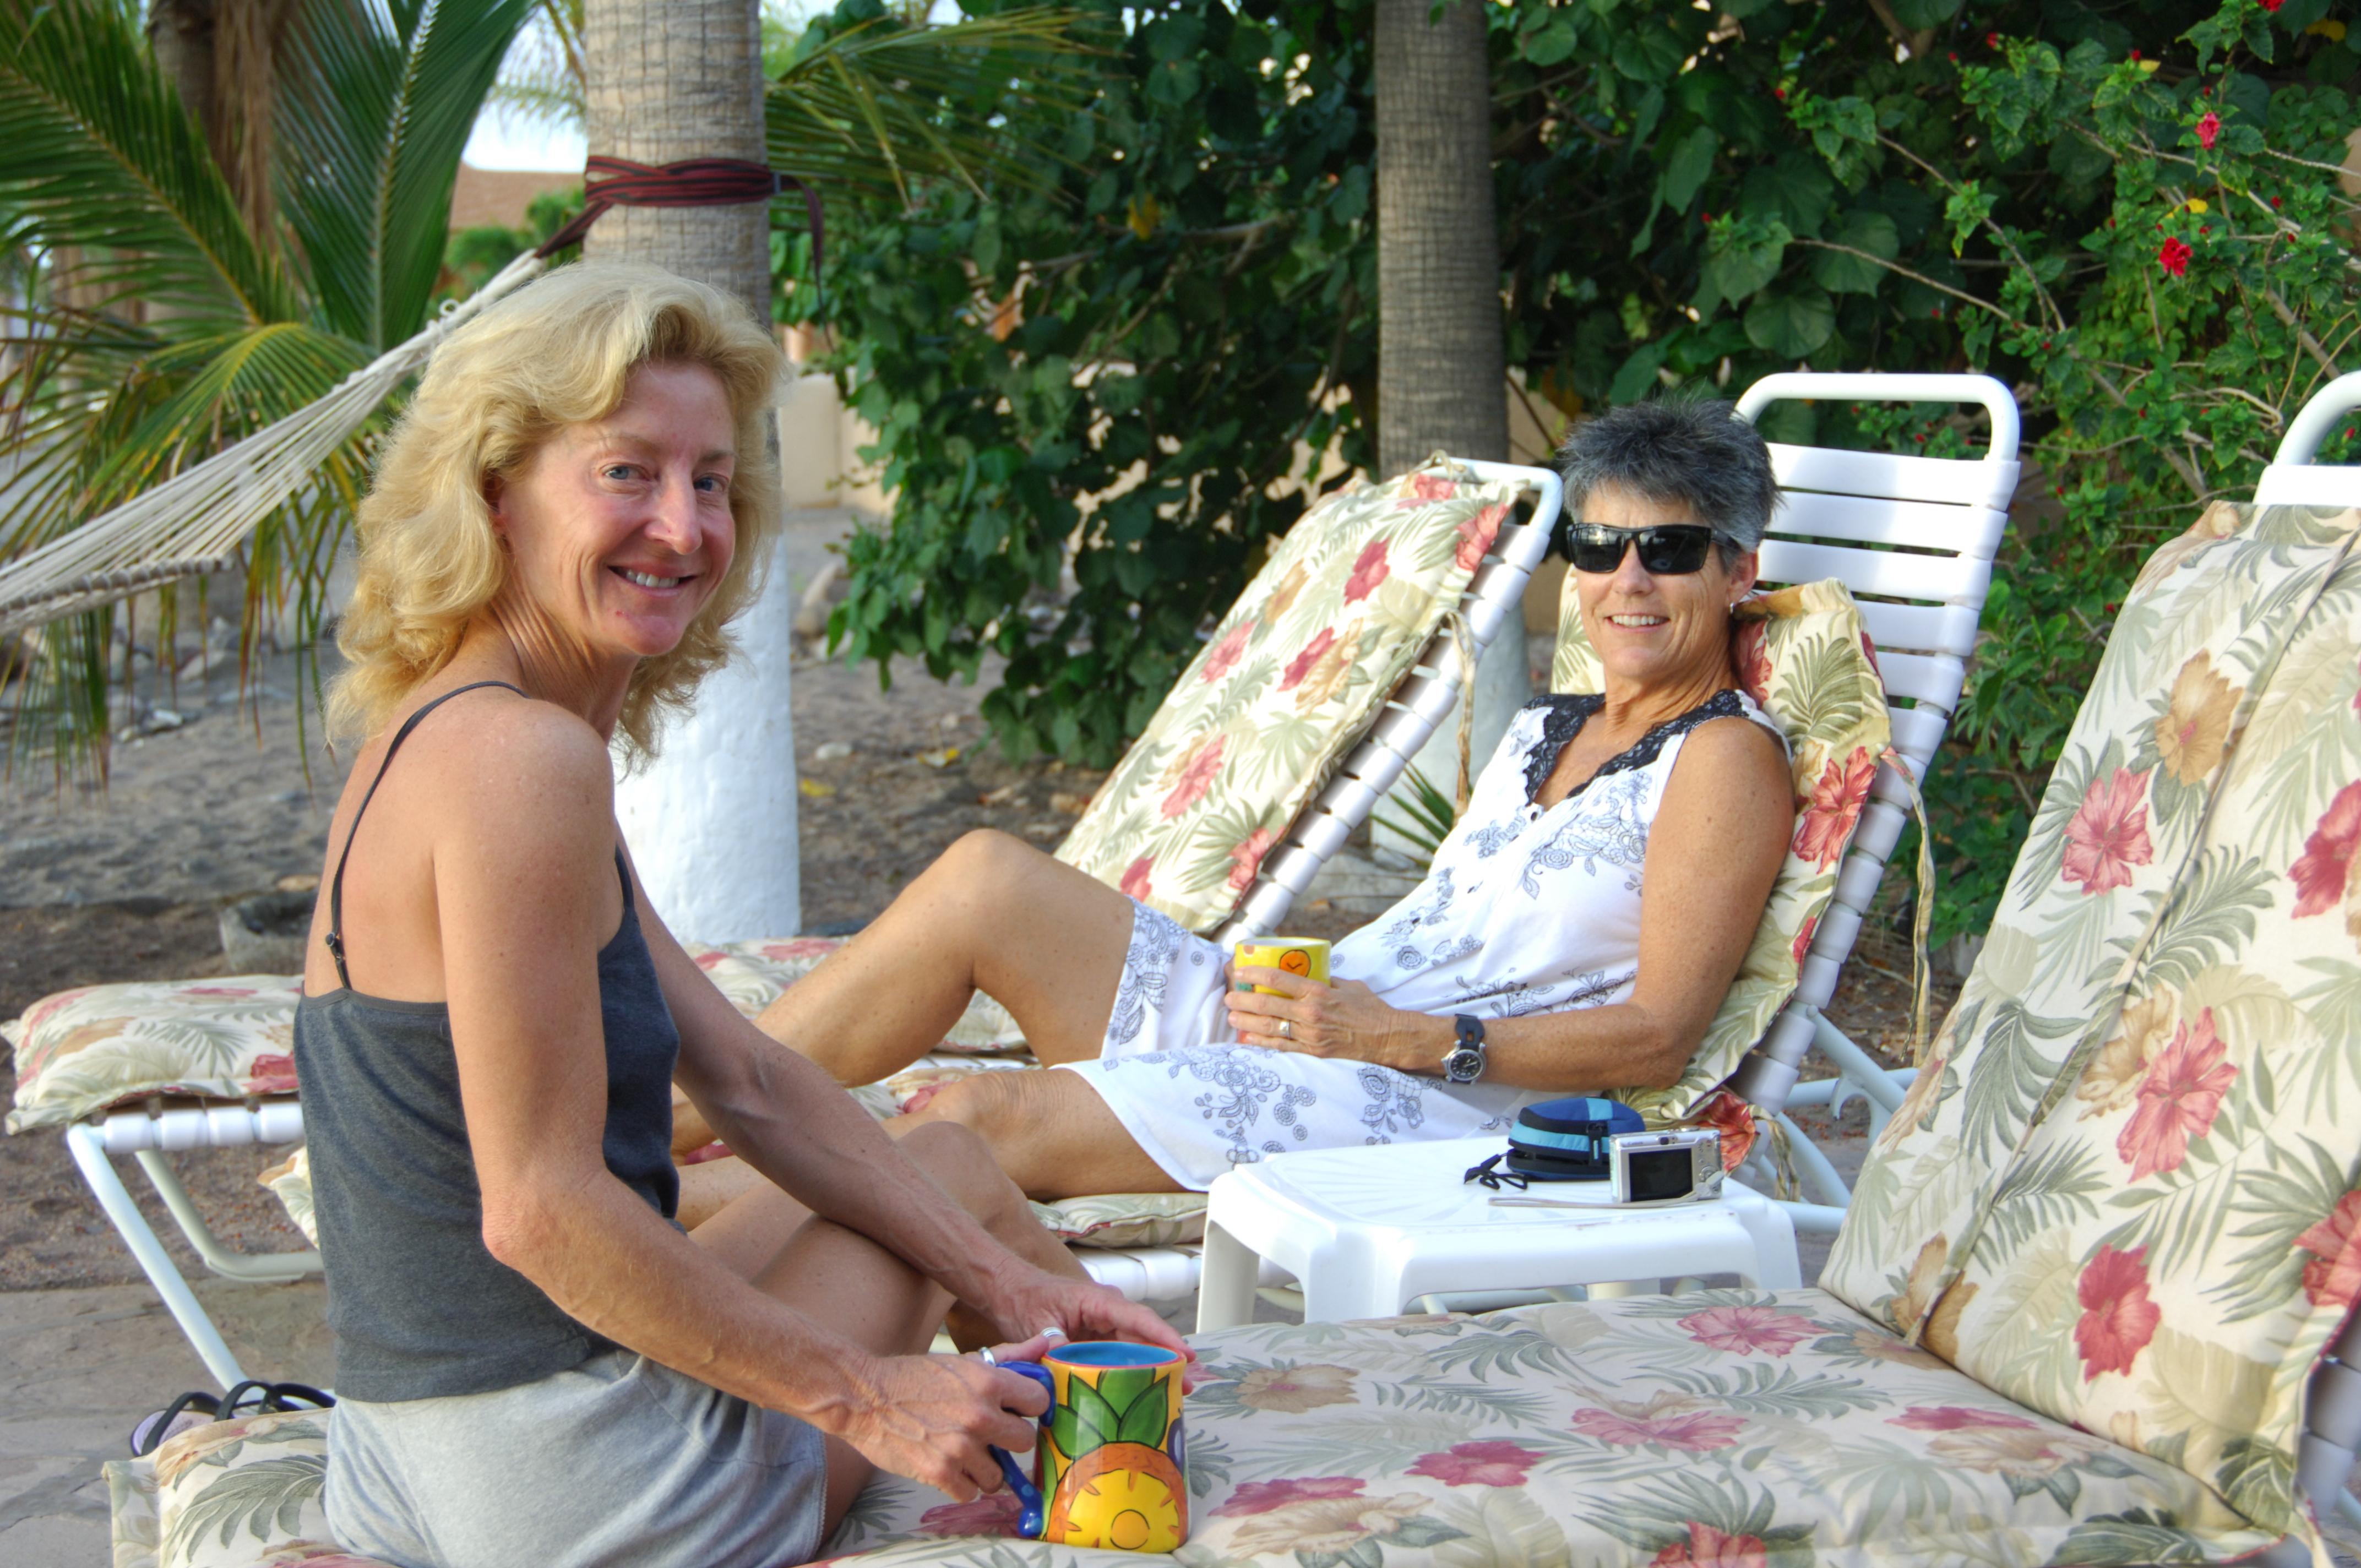 Cathy & Betsy enjoy the morning.